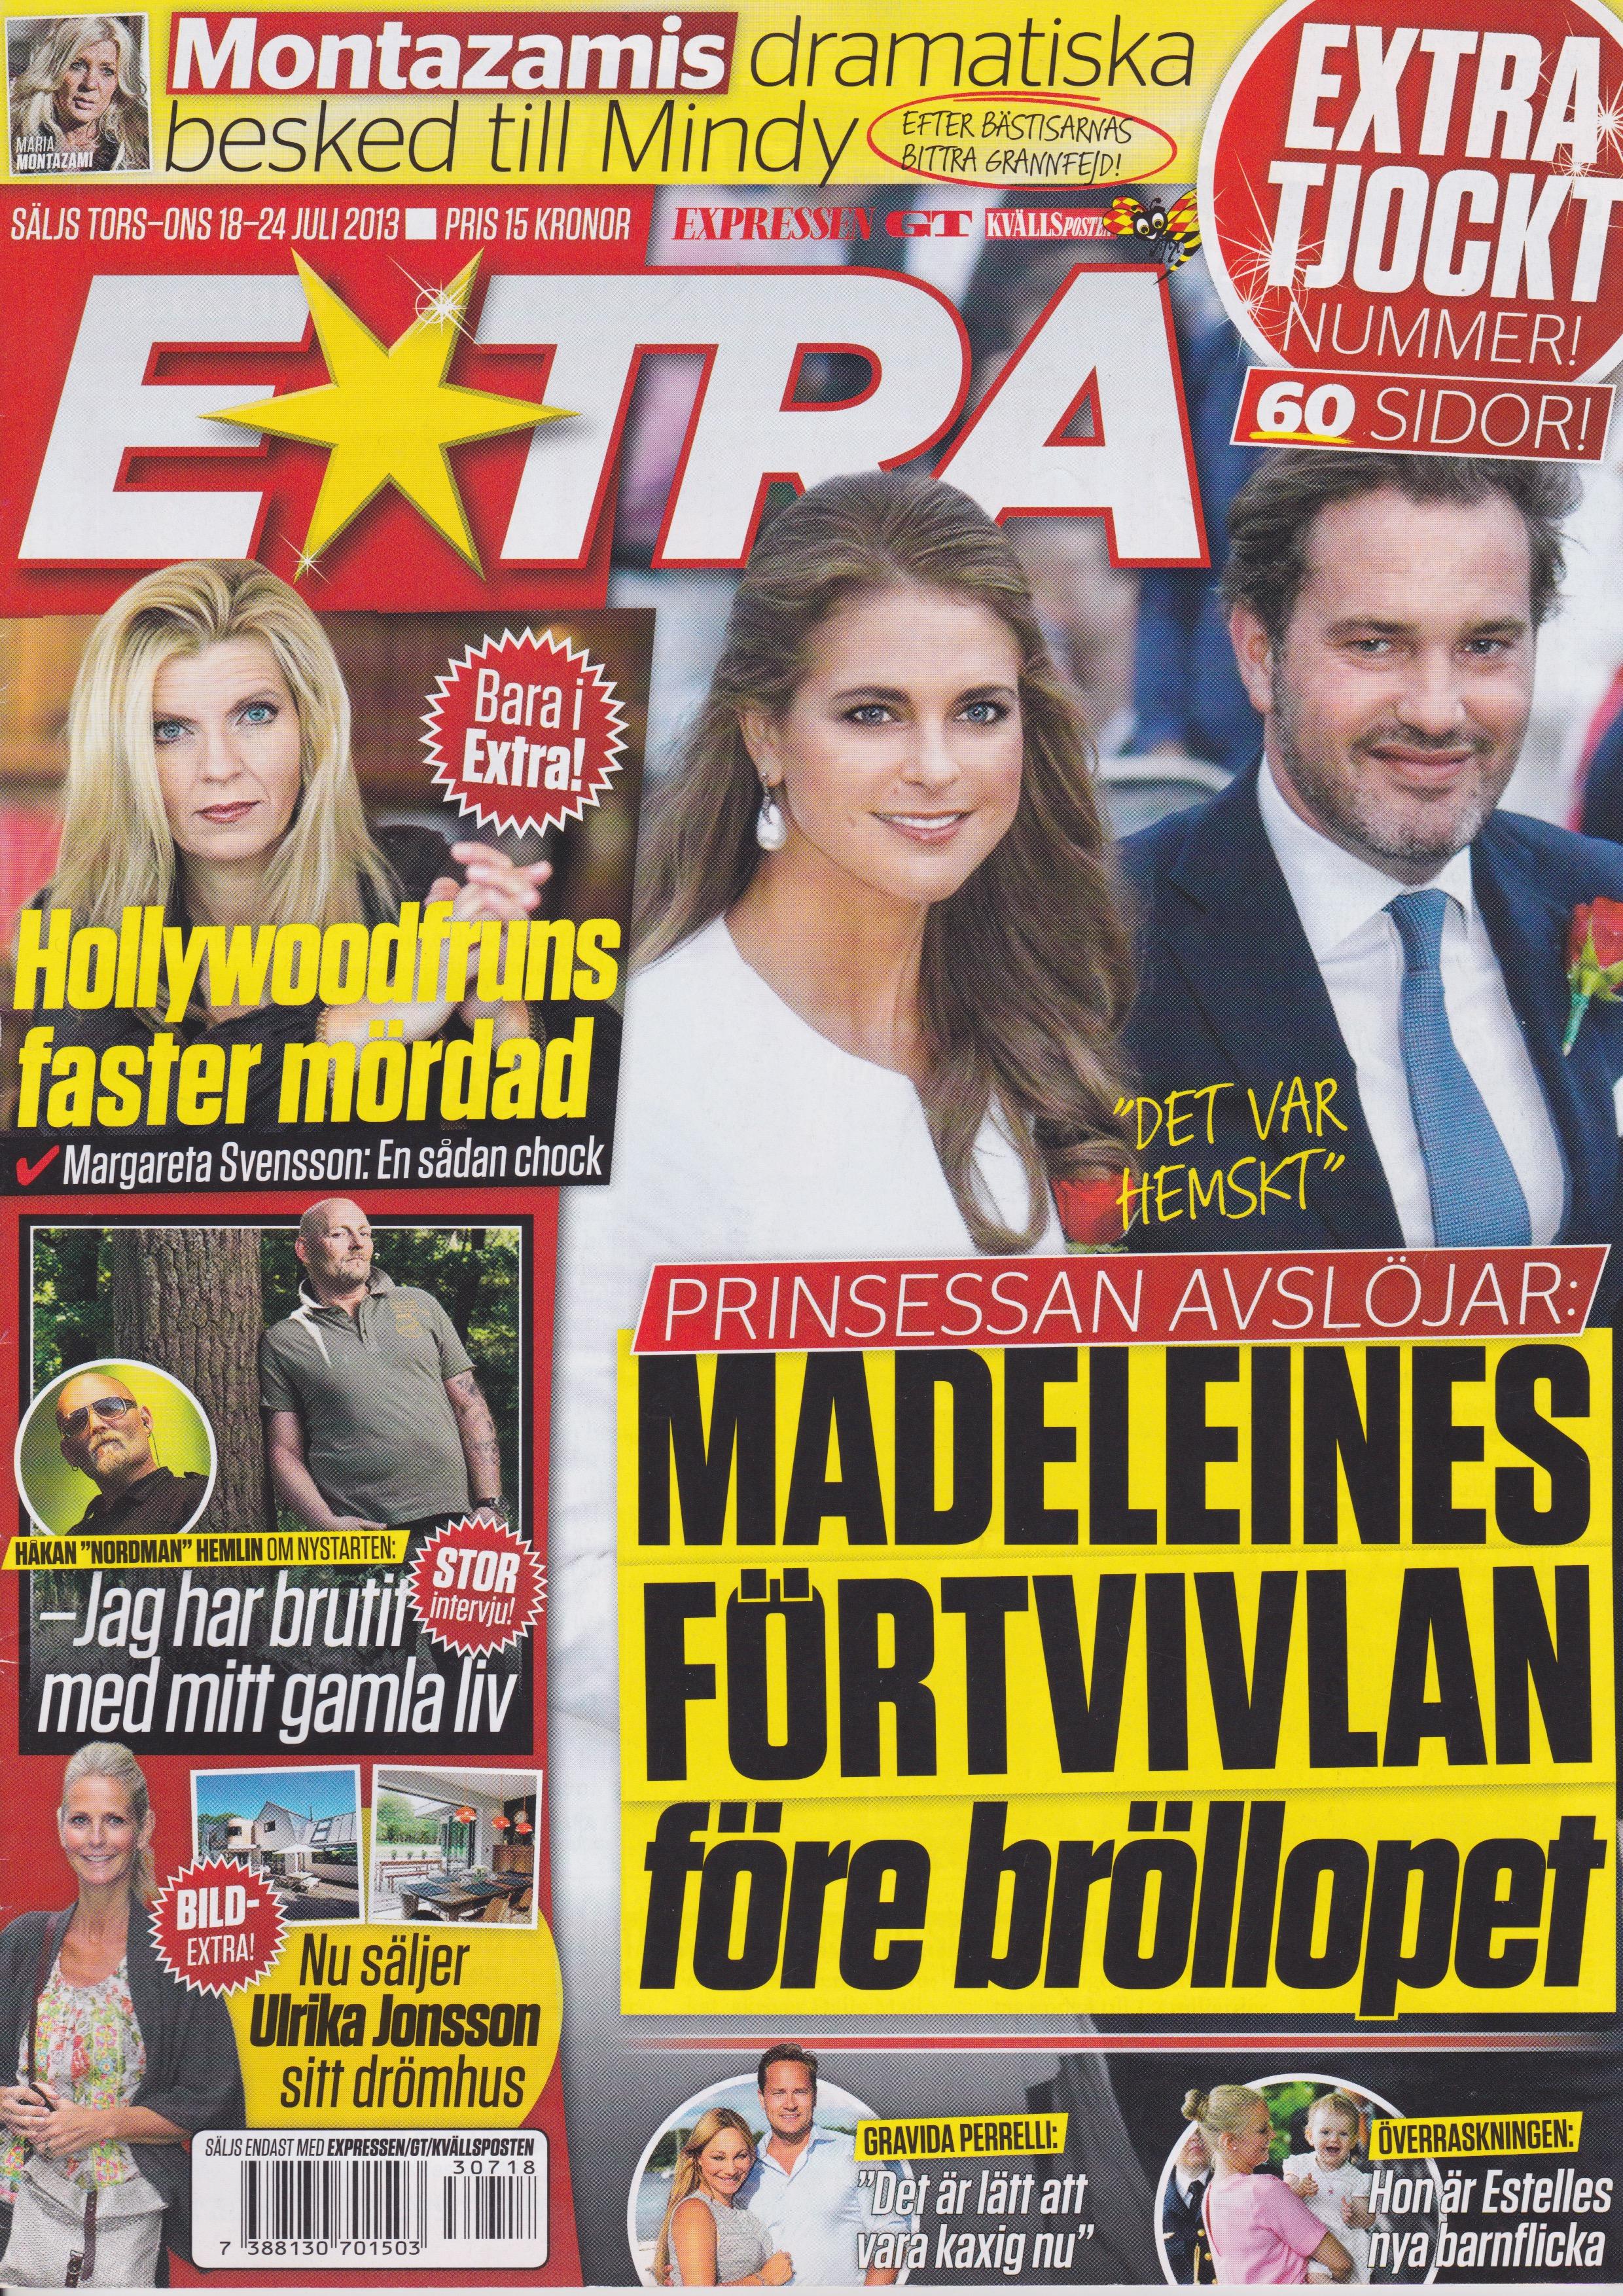 130718-Expressen_Extra-Margareta_Svensson_Riggs-Hollywoodfruns_faster_mördad-Cover